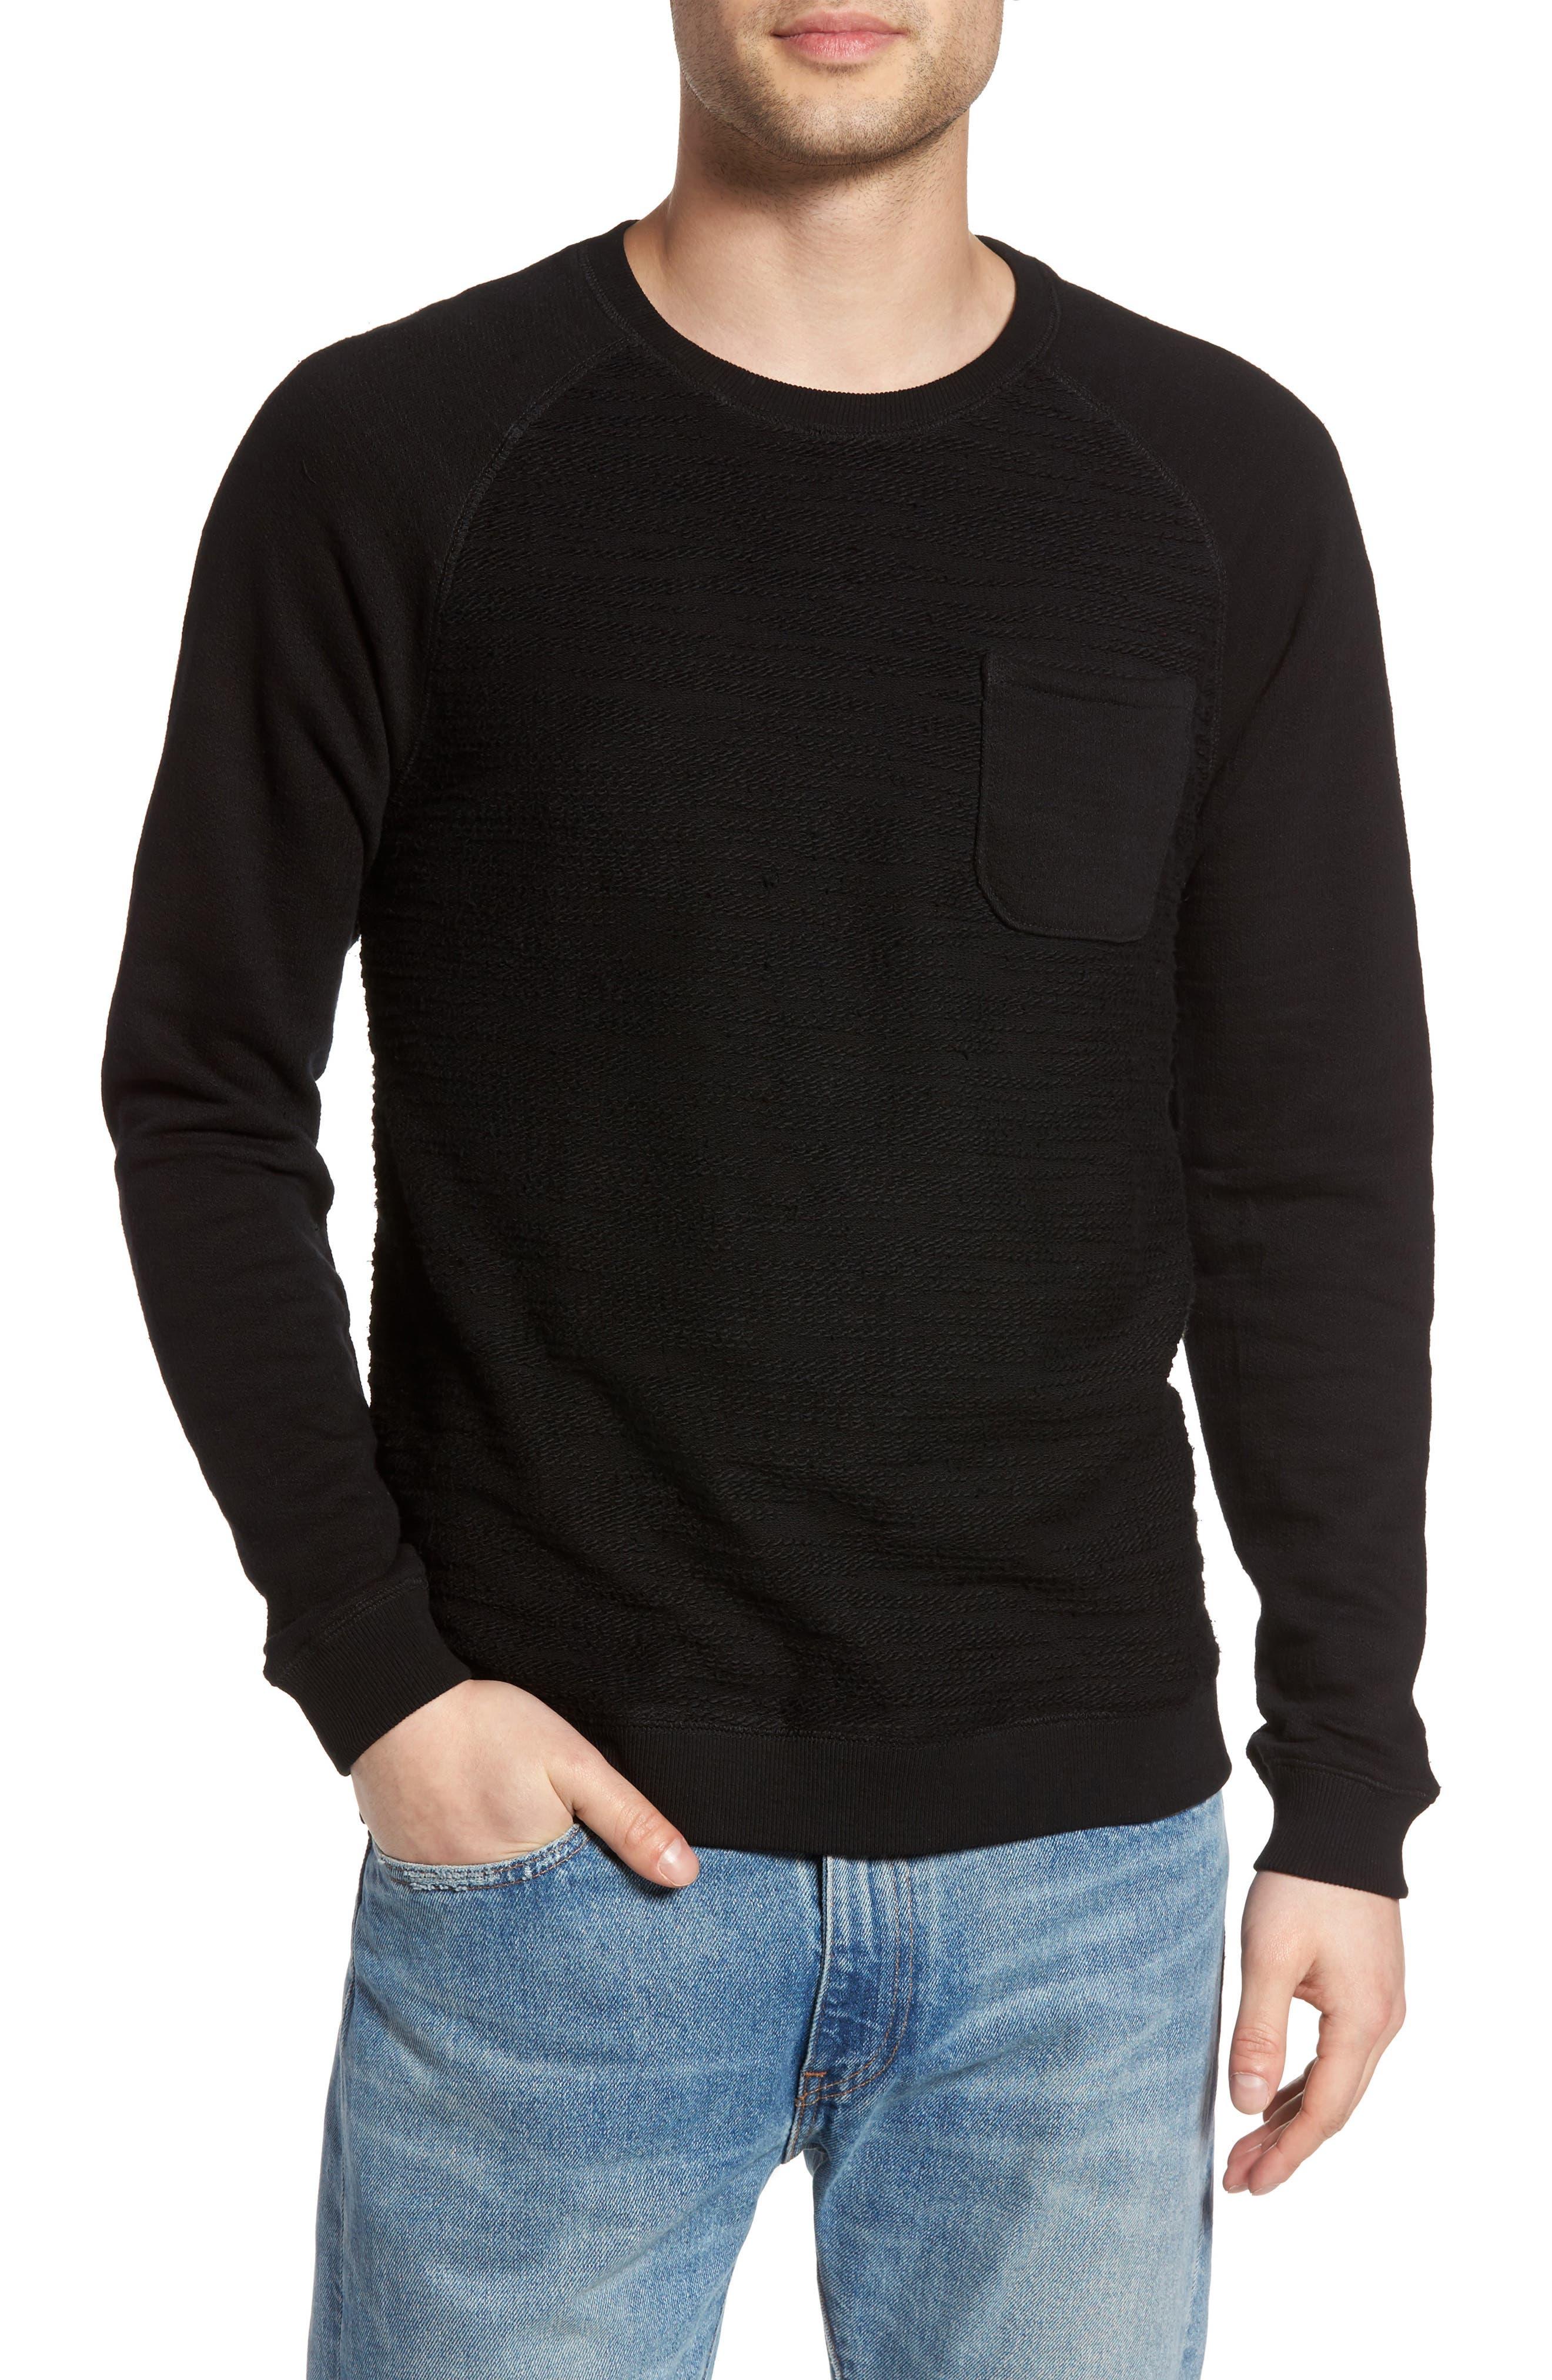 Frey Slubbed Pocket Sweatshirt,                             Main thumbnail 1, color,                             001